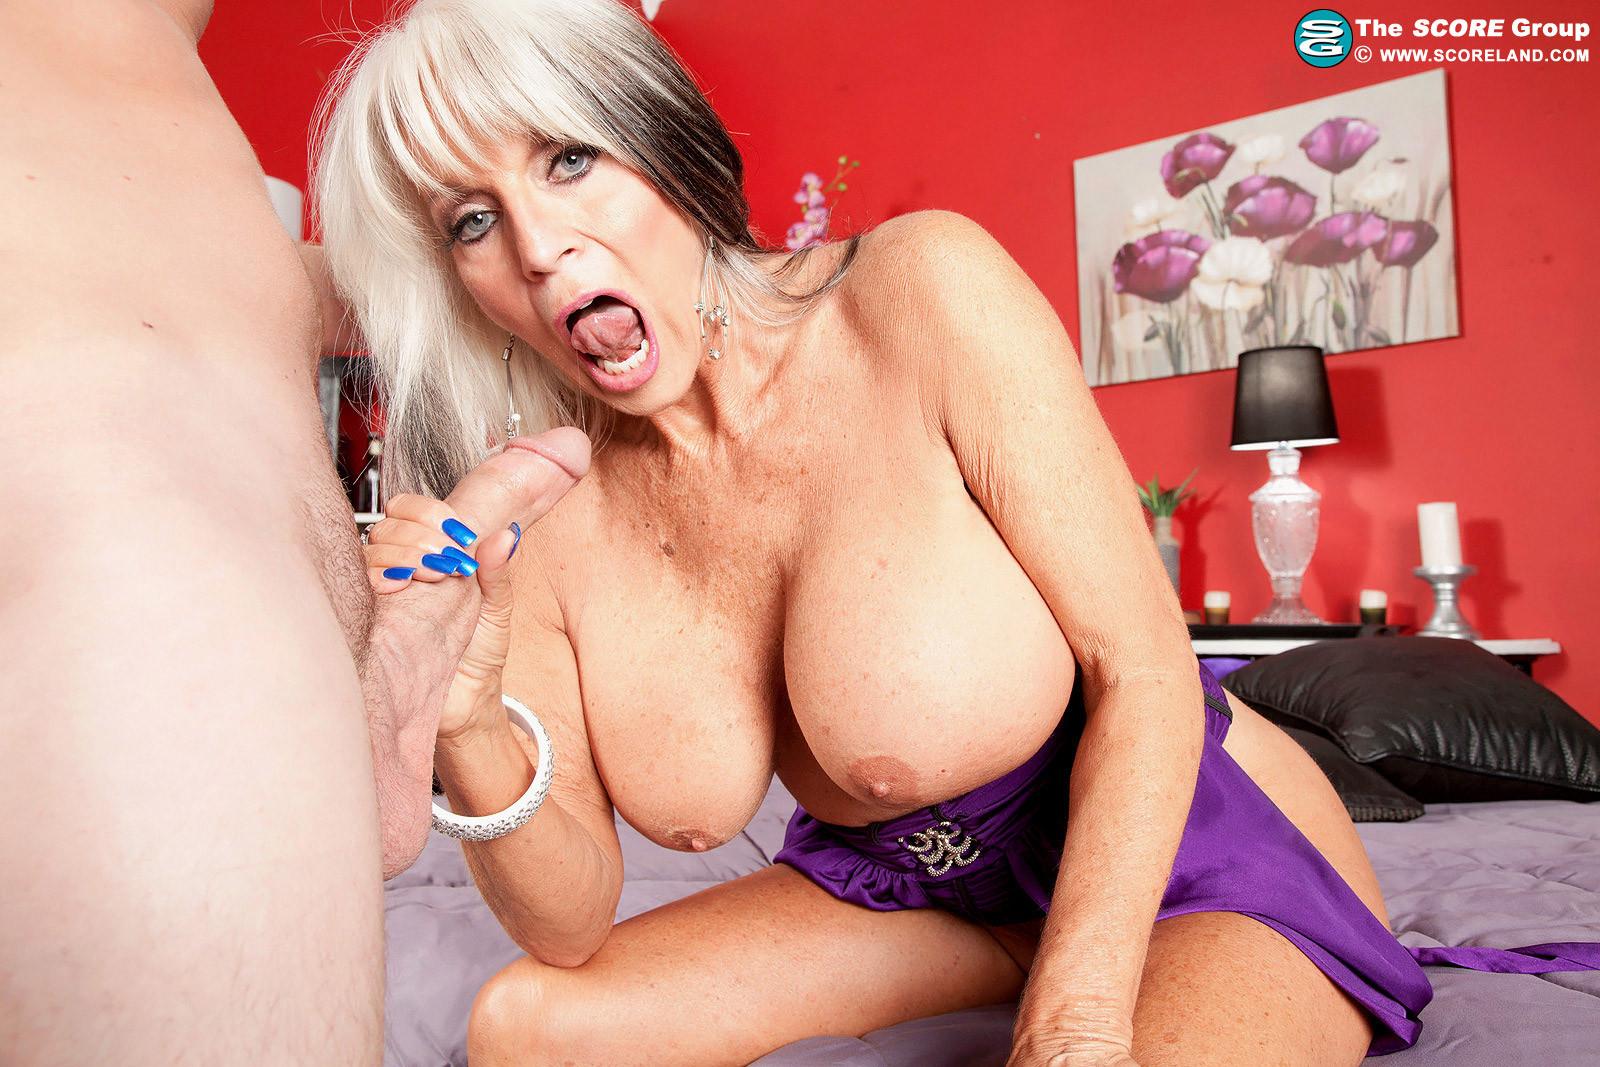 Wifey eats spunk